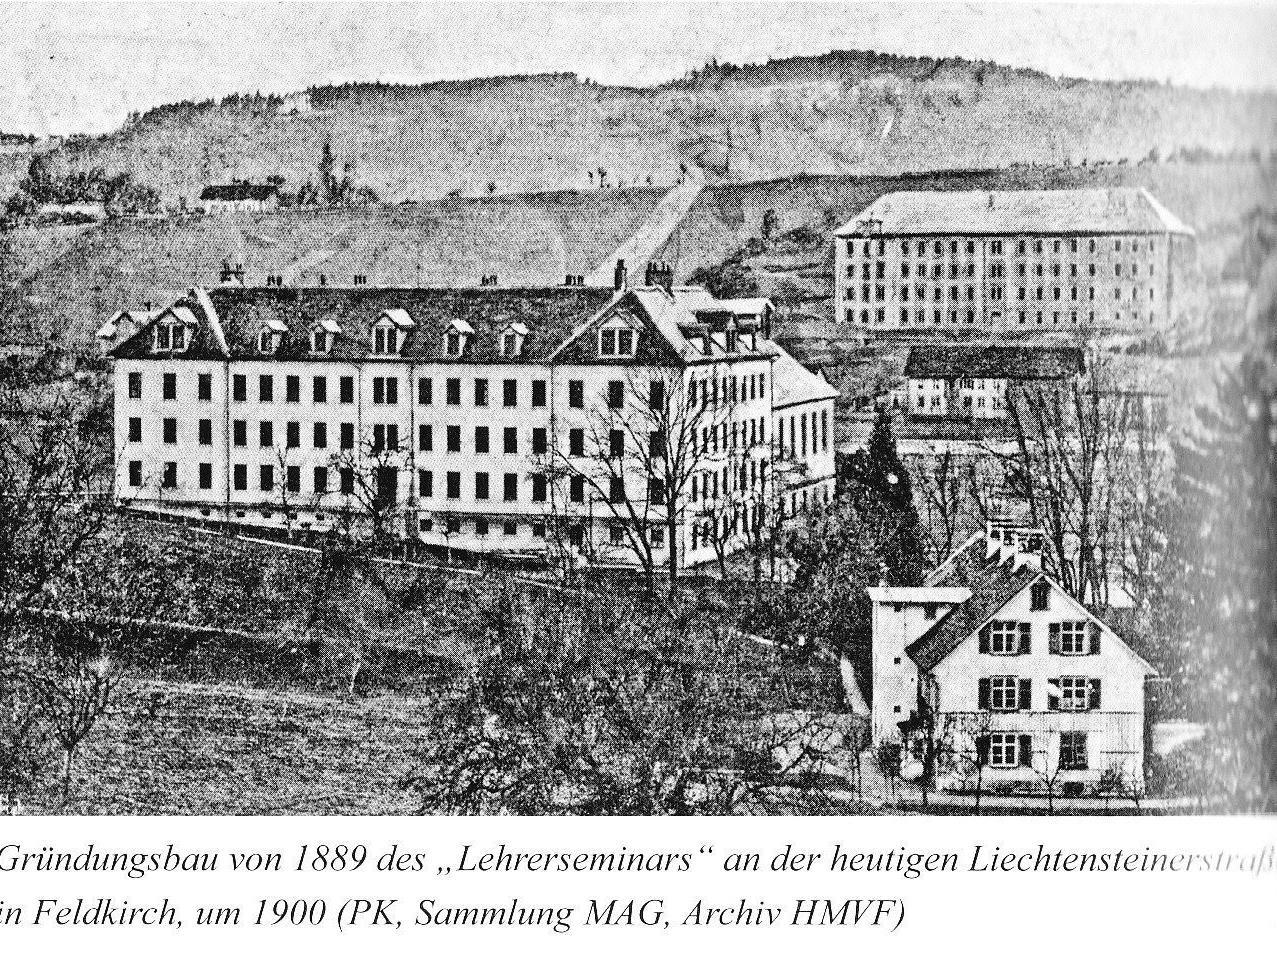 Das Lehrerseminar um 1900 in Tisis an der Liechtensteinerstraße, im Hintergrund das alte Antoniushaus